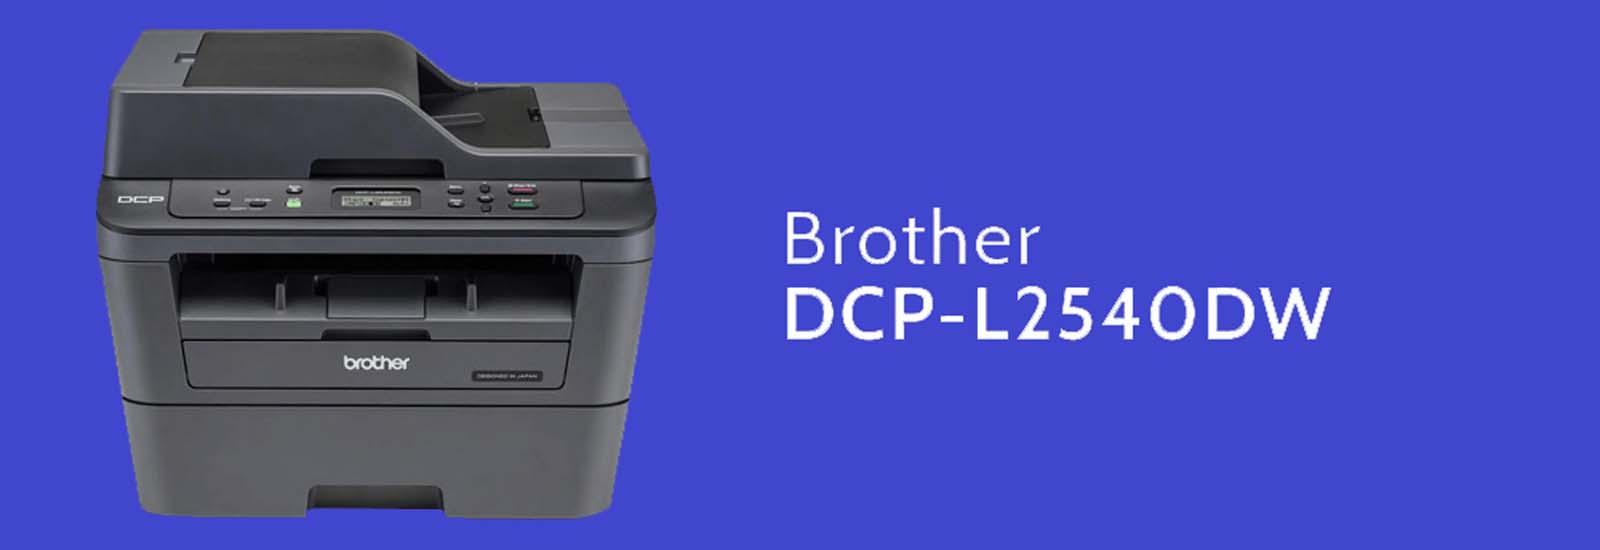 DPC-L2540DW